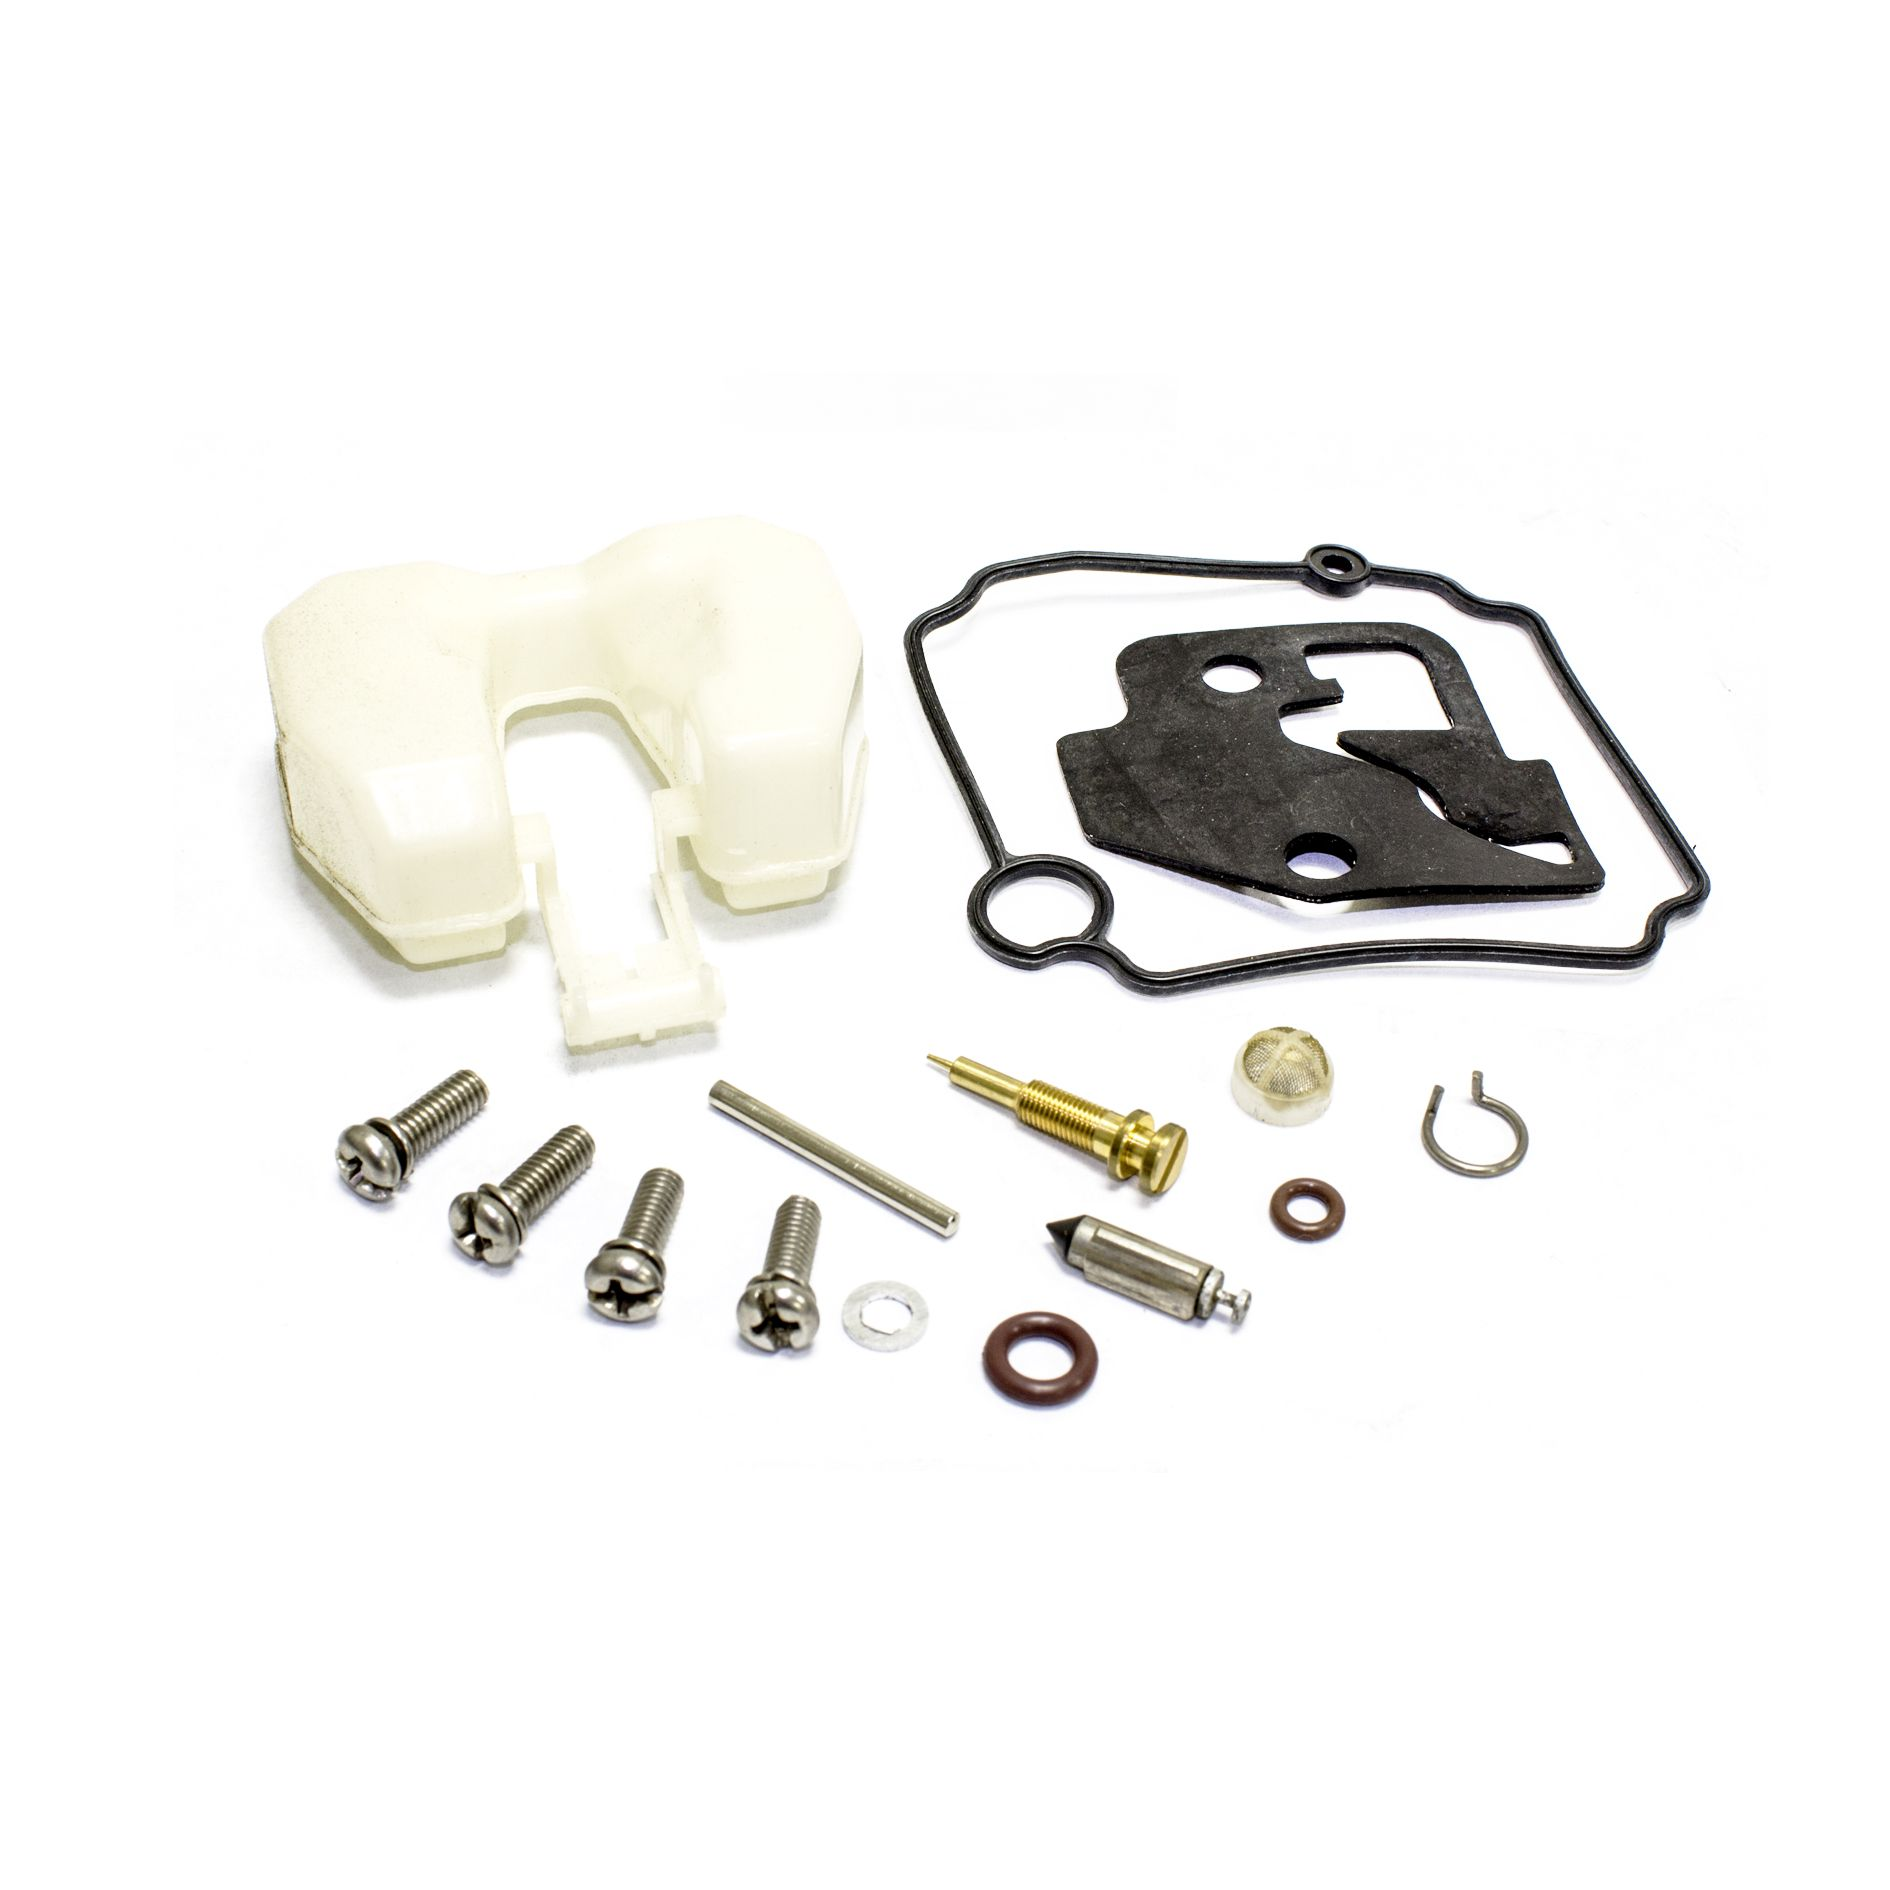 Sierra Marine 18-7770 Yamaha Carb Kit 689-W0093-02-00